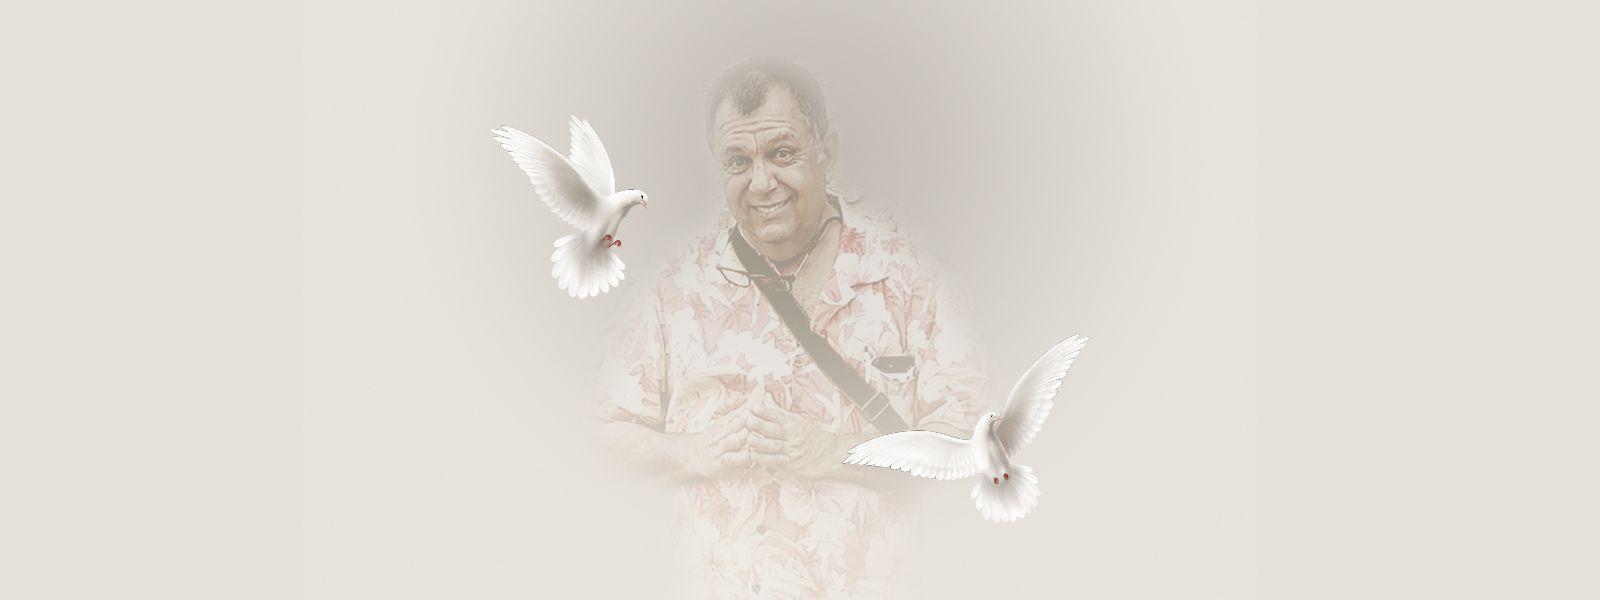 Rendimos homenaje al Dr. Efrén Calderón Ramírez, un hombre que vino a servir y a amar